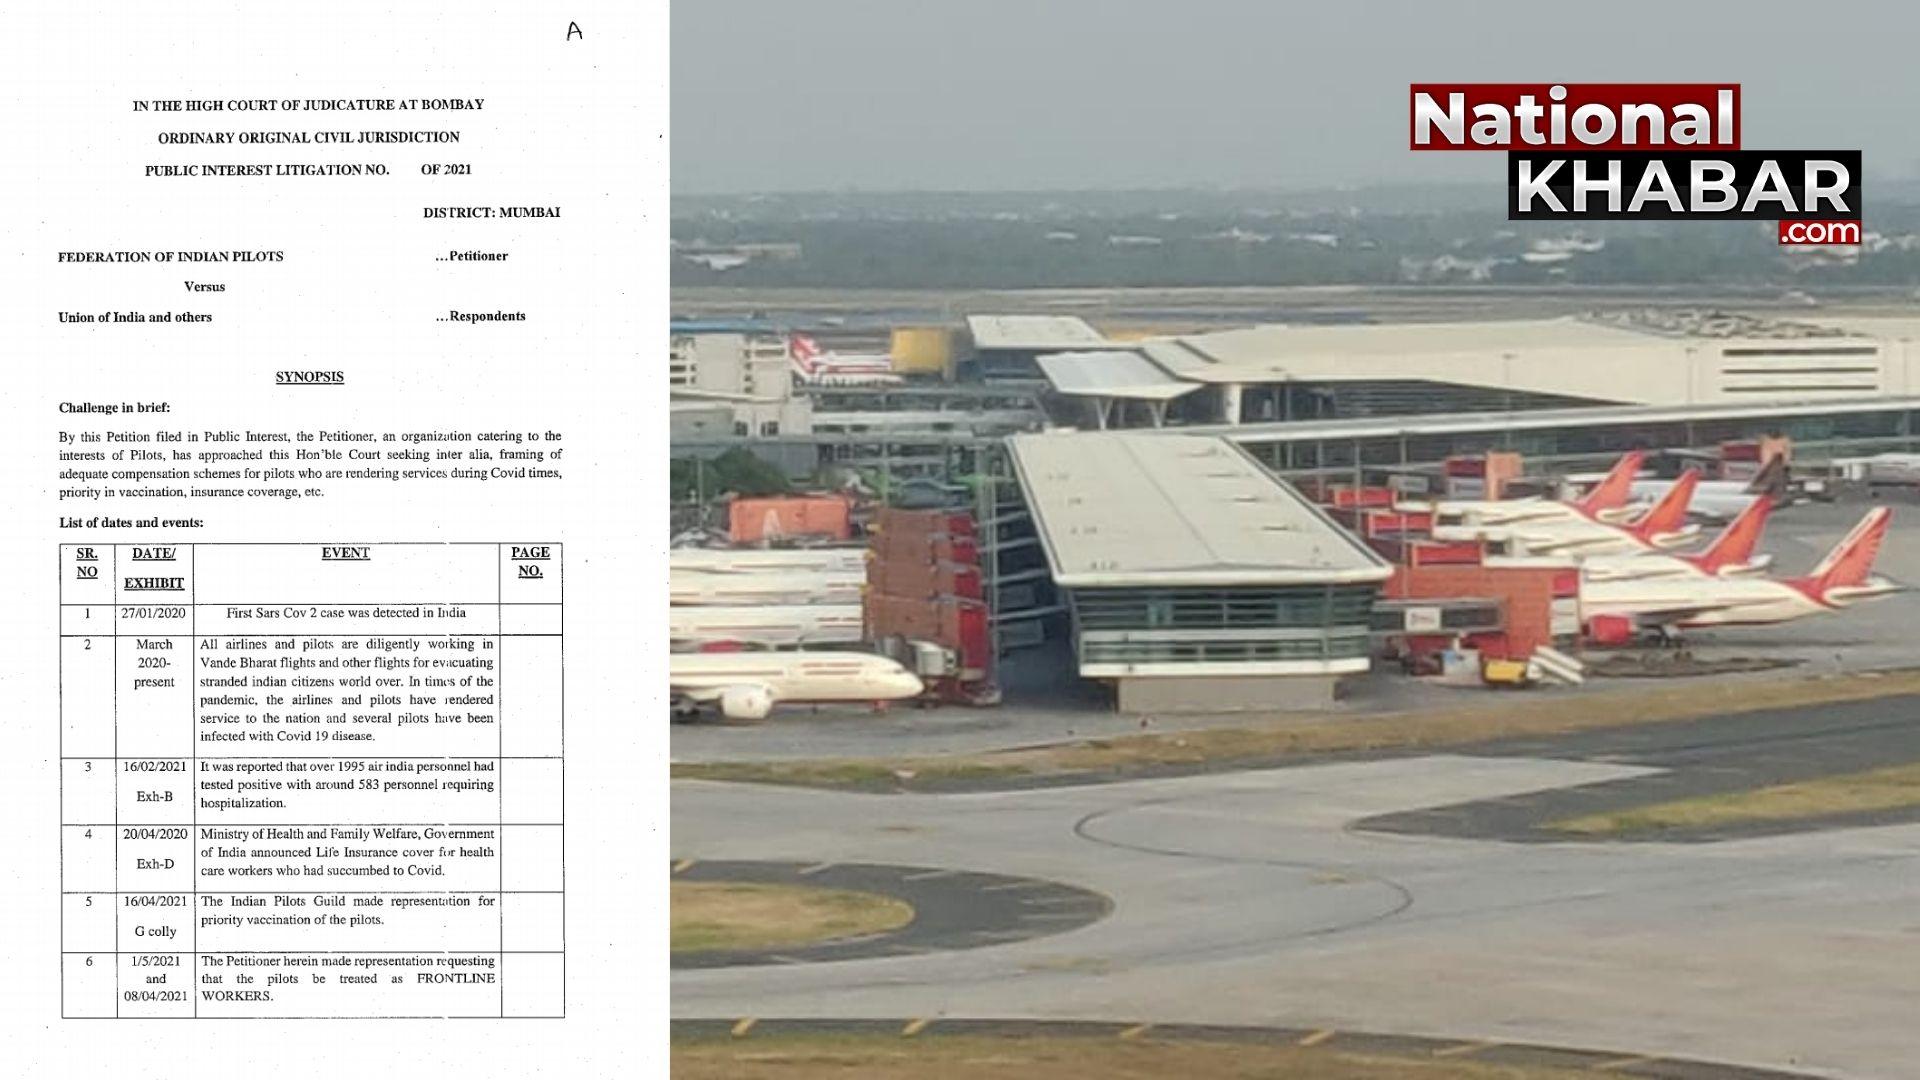 कोविड-19: फेडरेशन ऑफ इंडियन पायलट्स (FIP) ने दायर की जनहित याचिका, 'पर्याप्त मुआवजे', प्राथमिकता व फ्रंटलाइन वर्कर की मांग